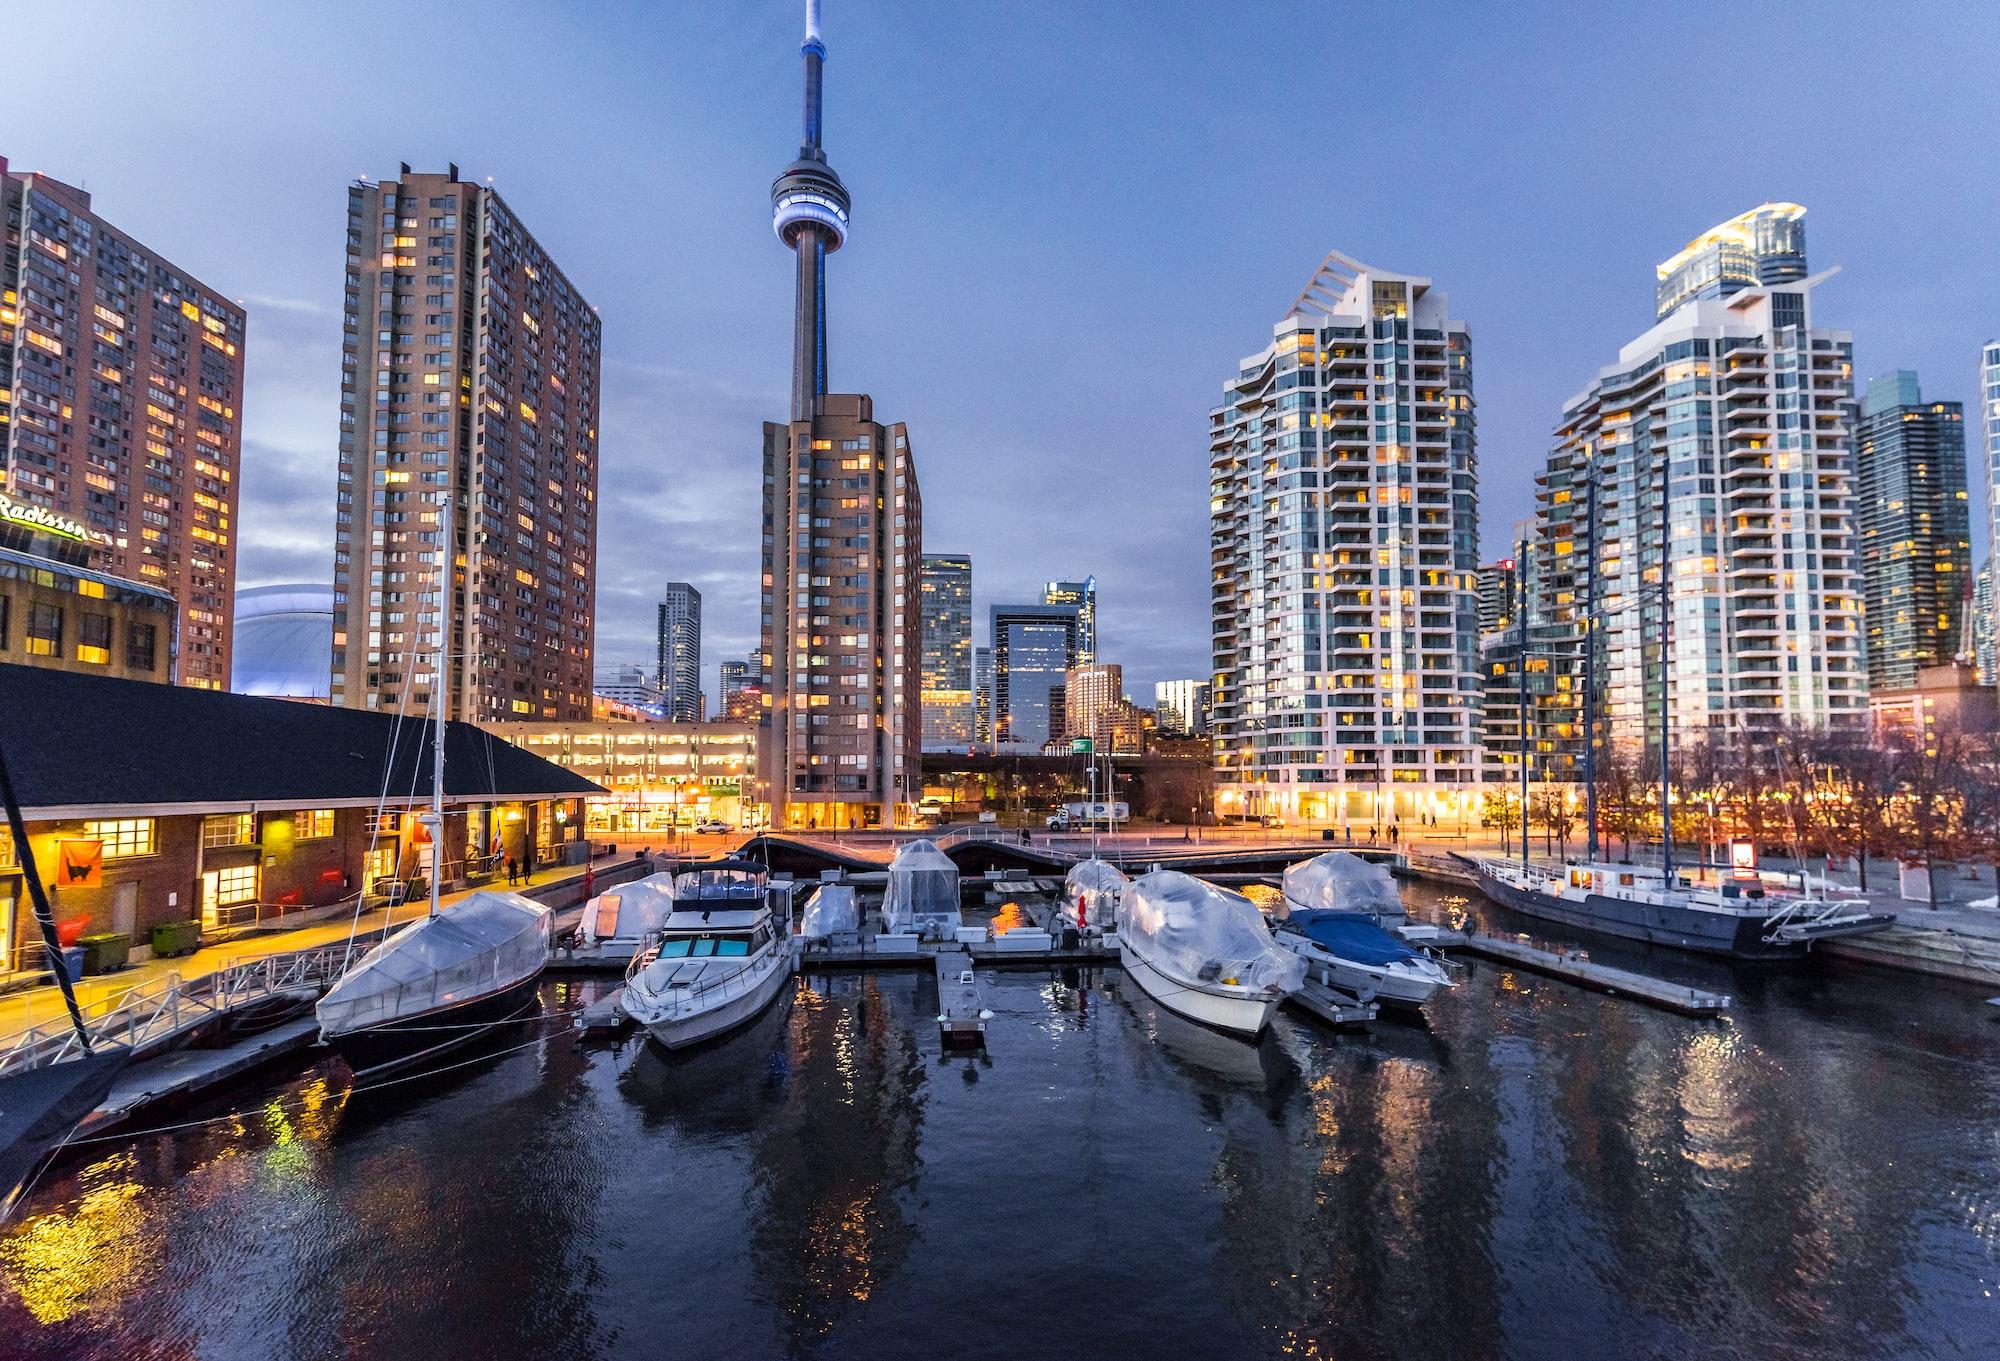 2021年,生活在加拿大要多花多少钱?